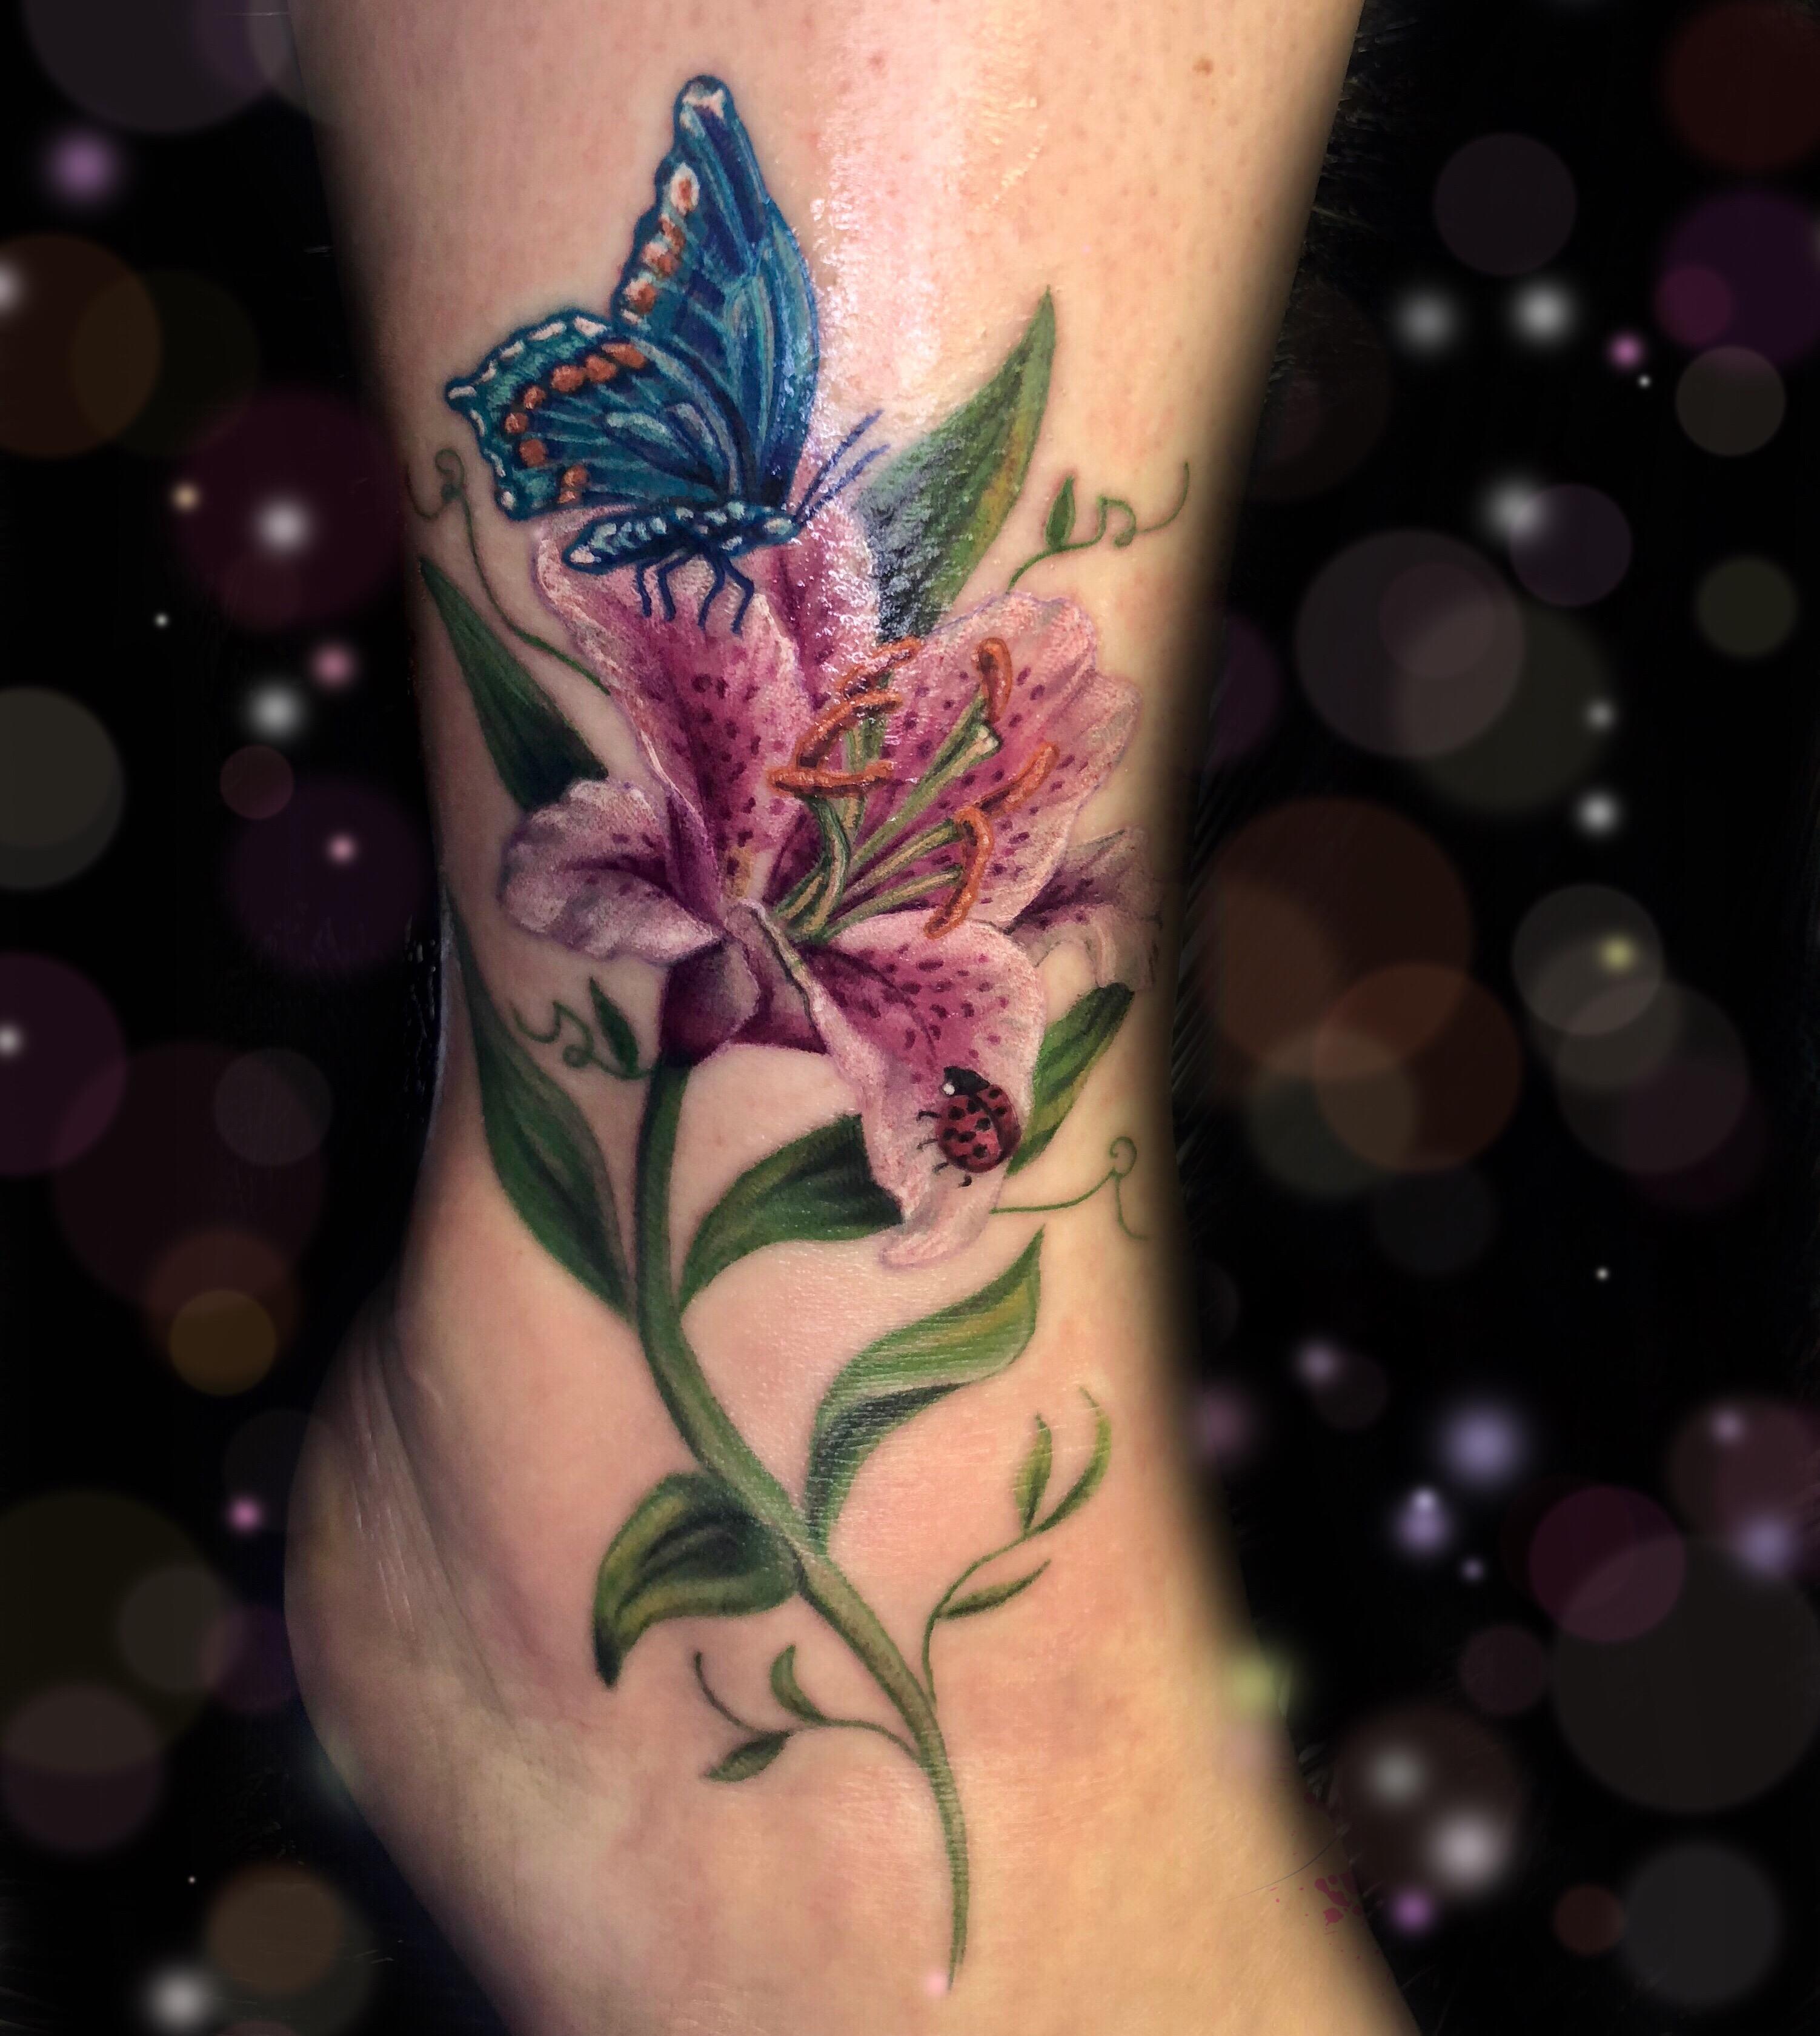 butterfly stargazer lily ladybug tat